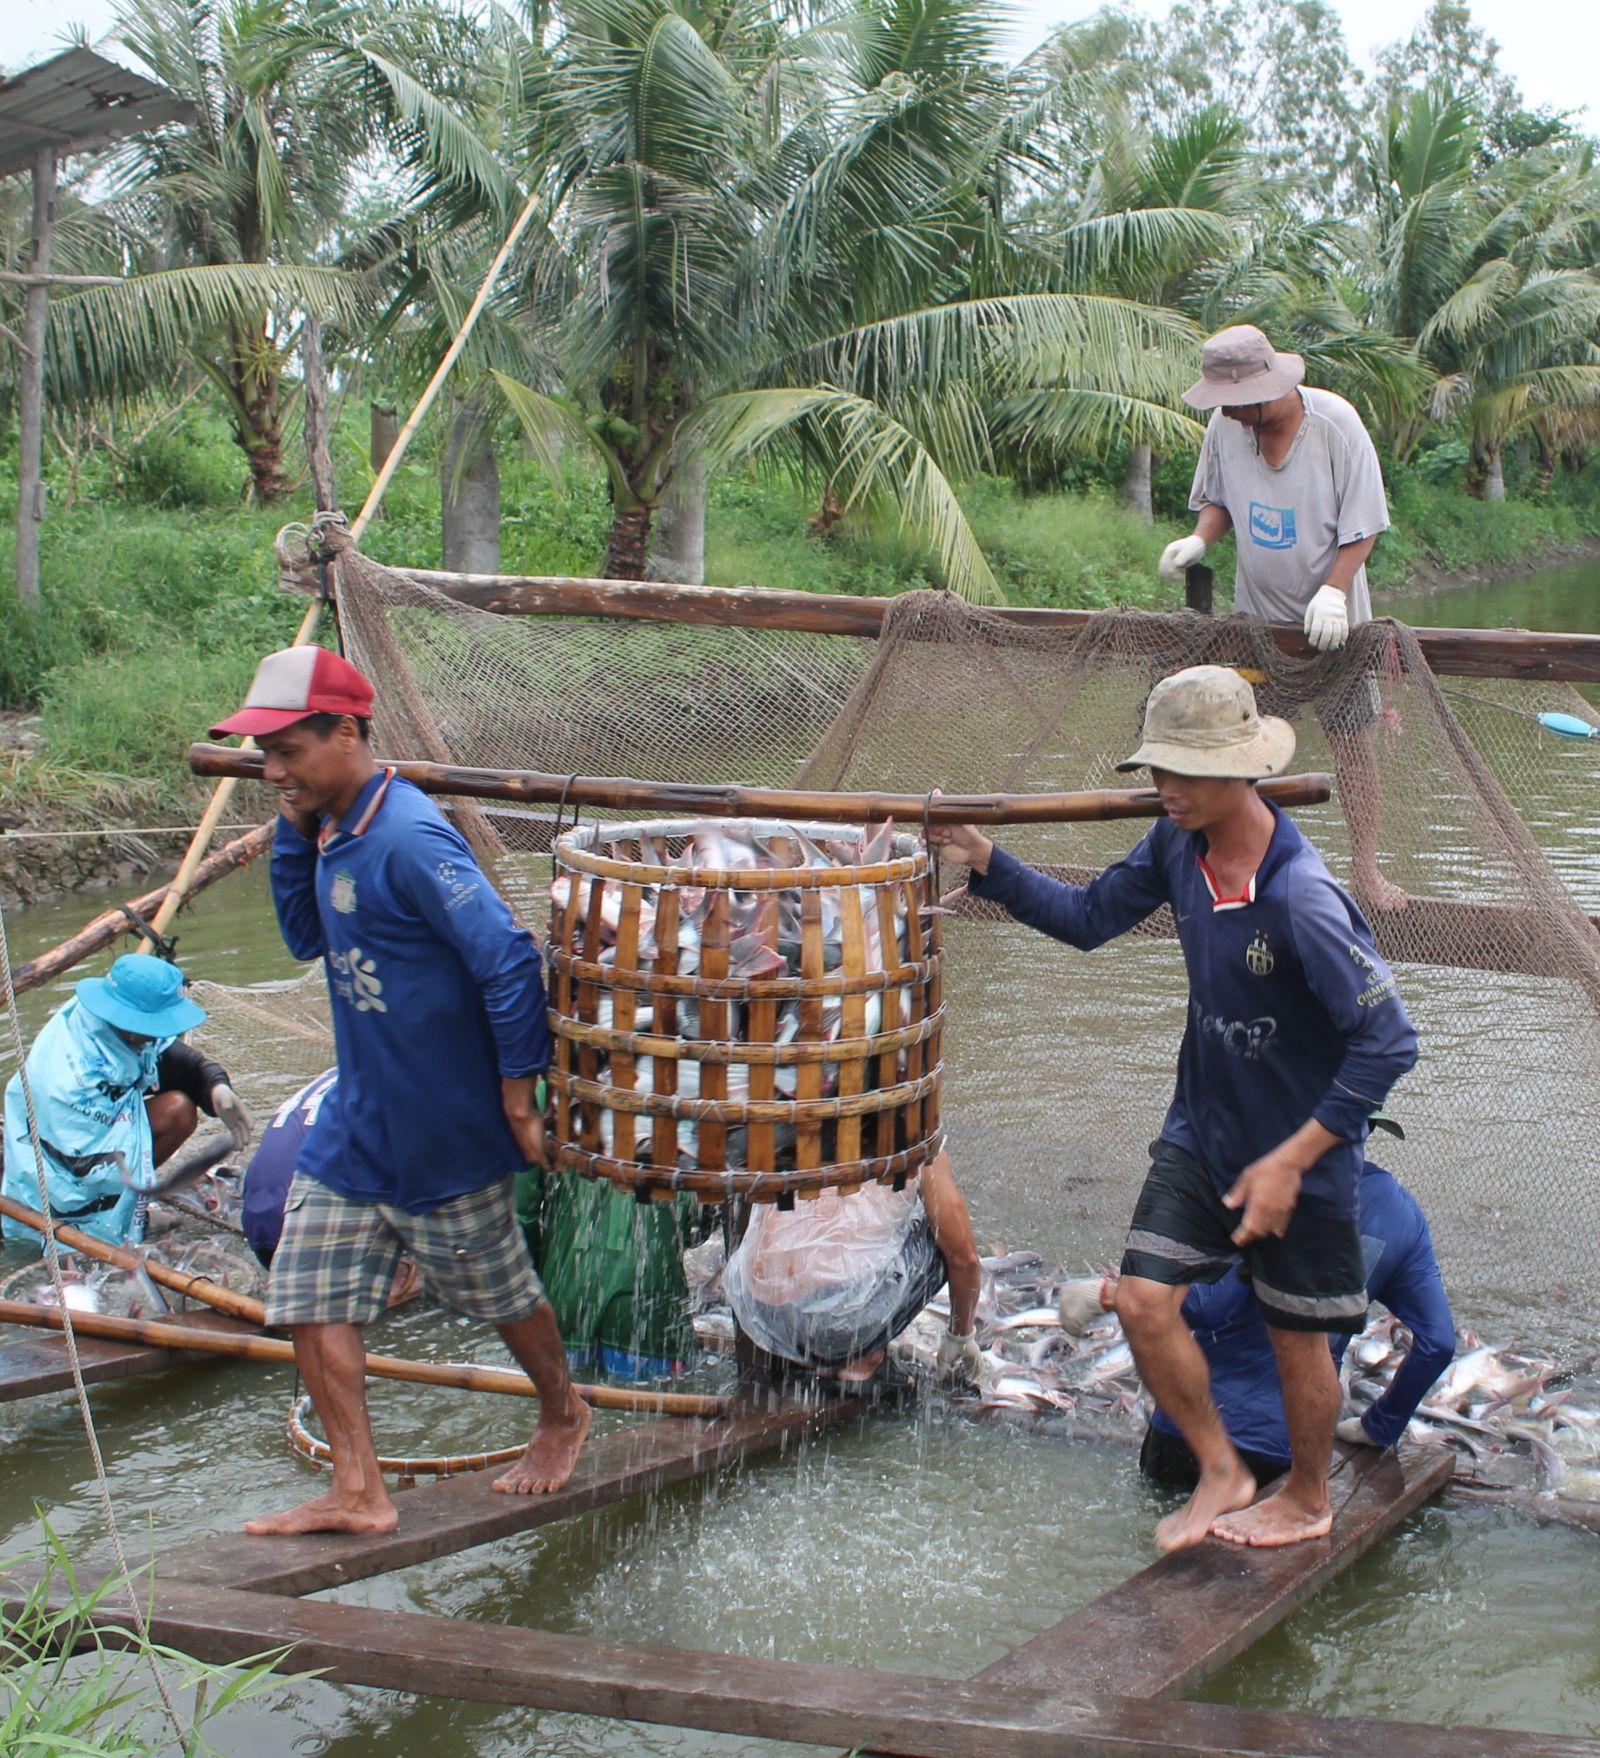 Thu hoạch cá tra ở quận Ô Môn, TP Cần Thơ, trước khi dịch COVID-19 bùng phát. Ảnh: Khánh Trung/ Báo Cần Thơ.